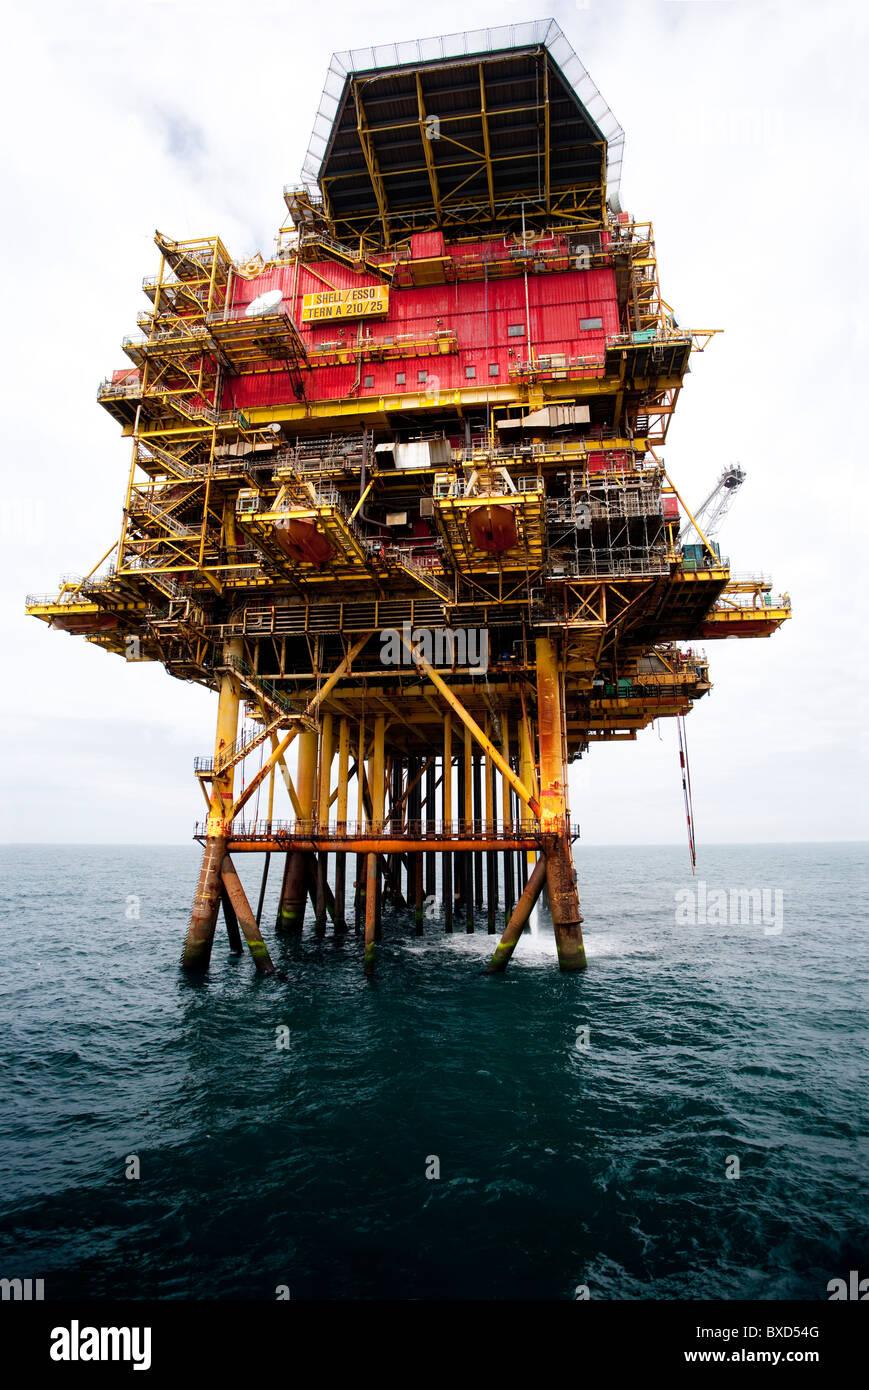 Girar una plataforma de producción de petróleo Imagen De Stock